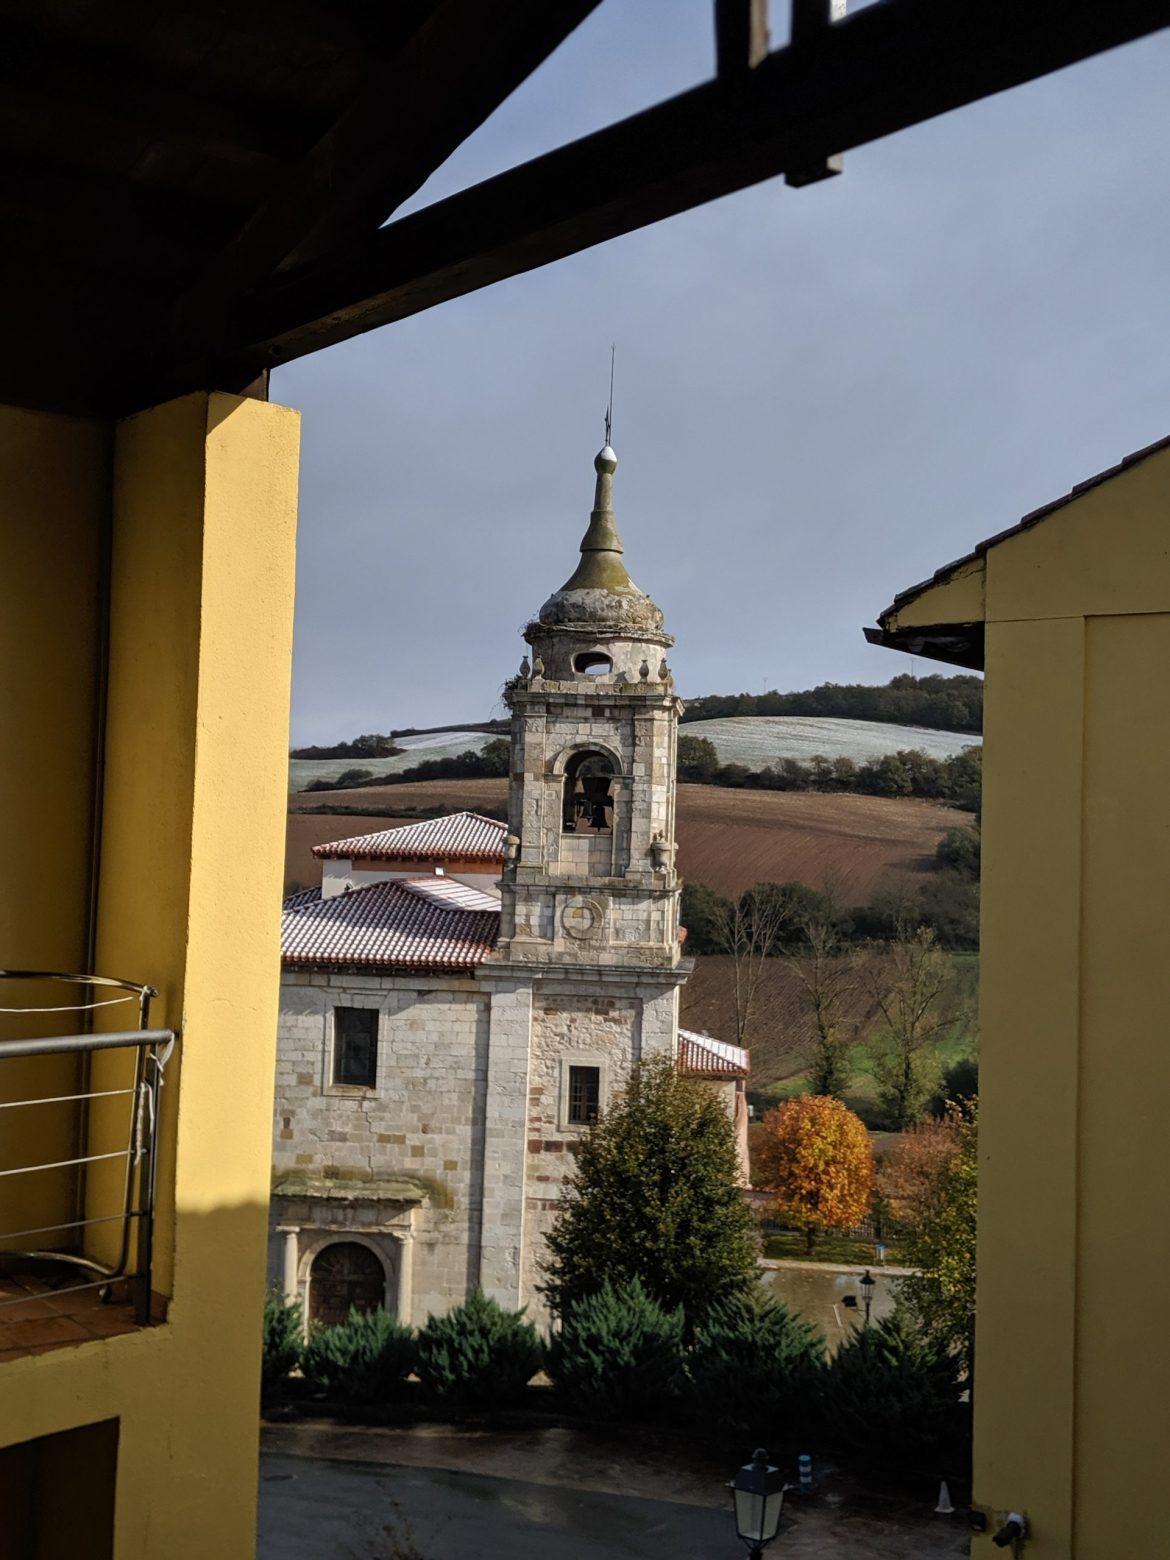 Belorado to Villafranca, Camino de Santiago